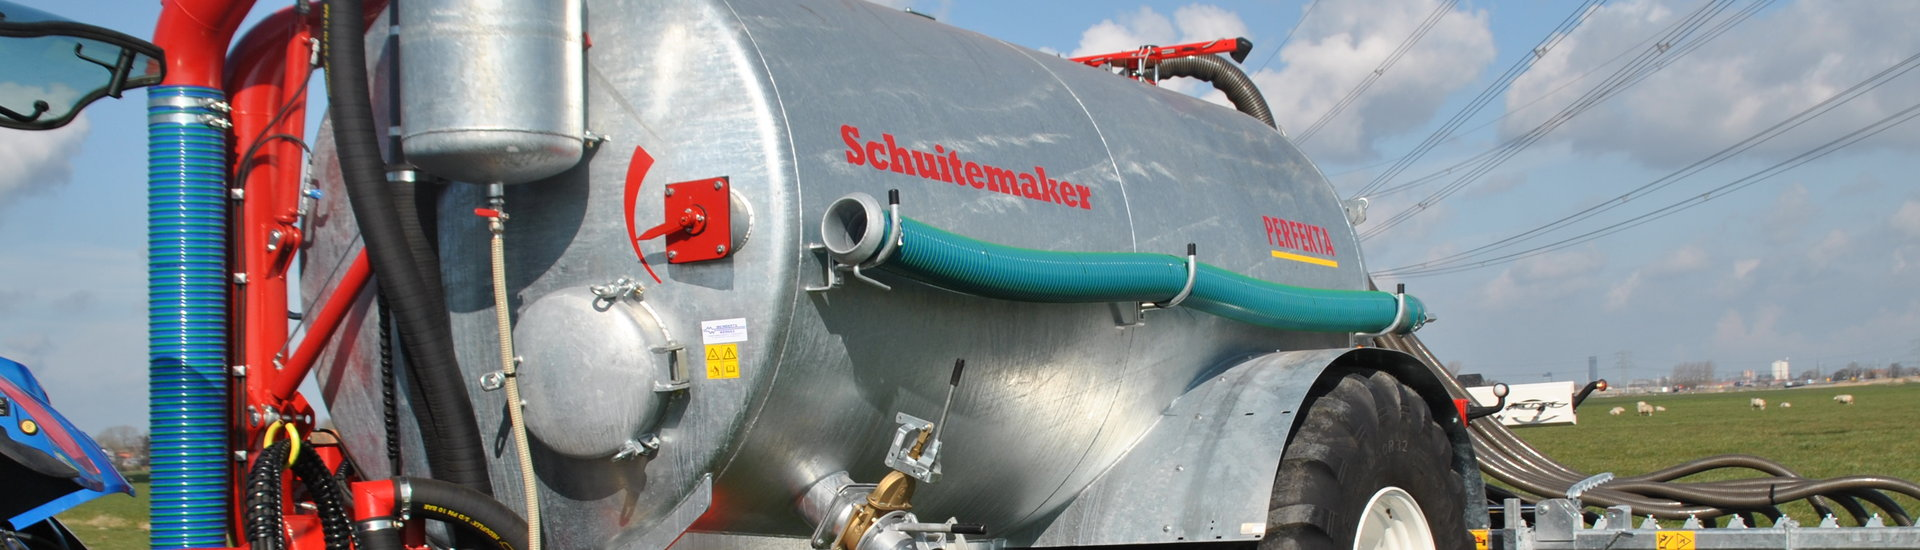 Schuitemaker Vakuumfaß